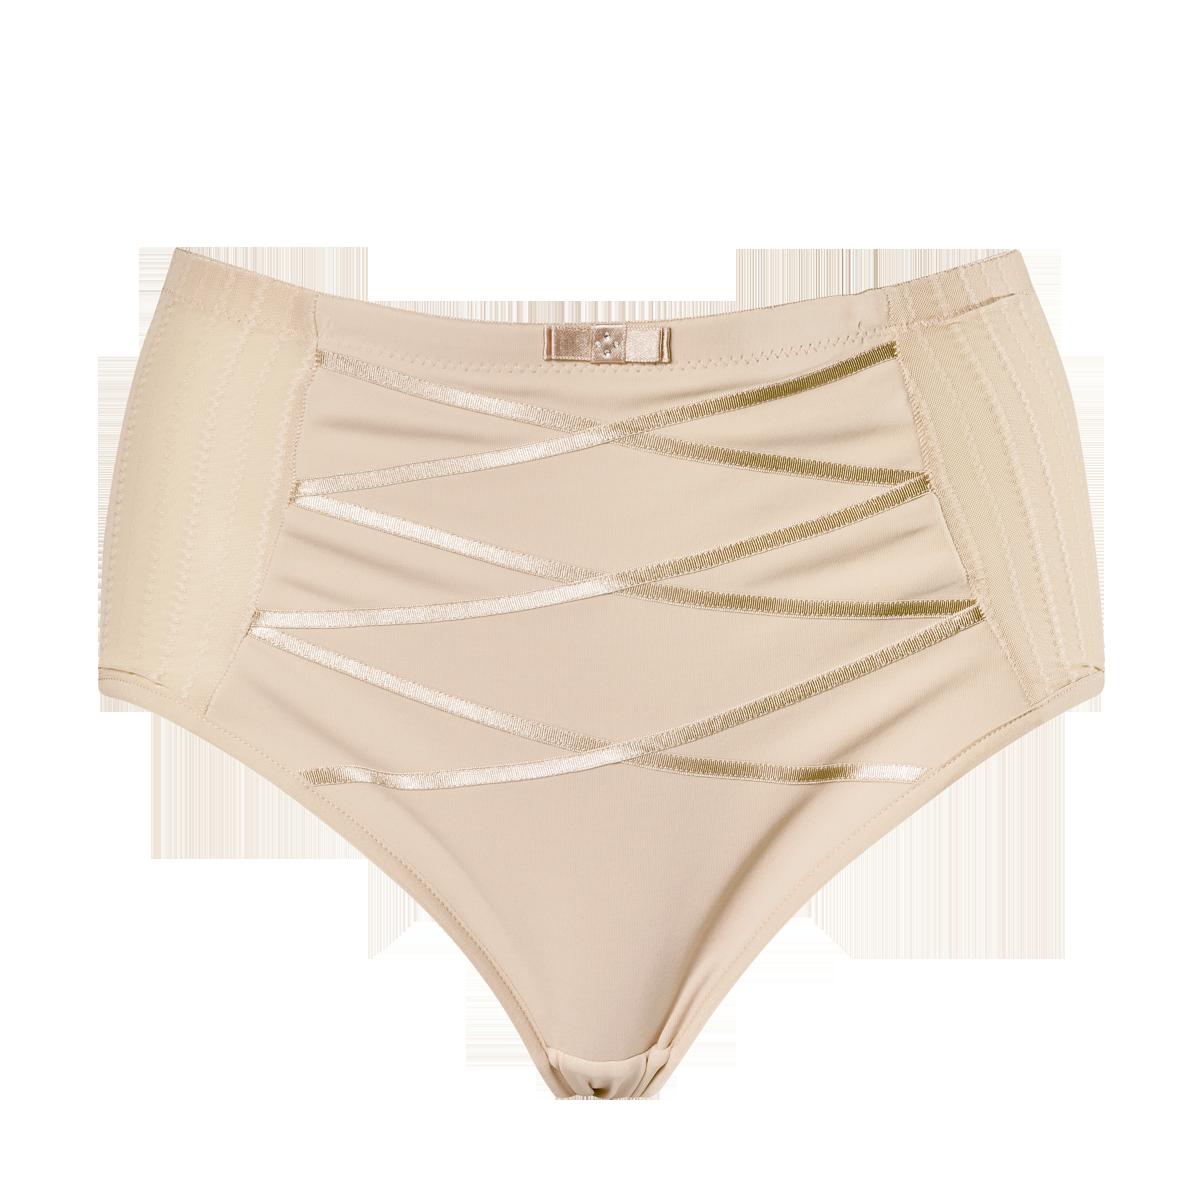 Softness #pantie #lingerie #essentiel #sculptant #fashion #style